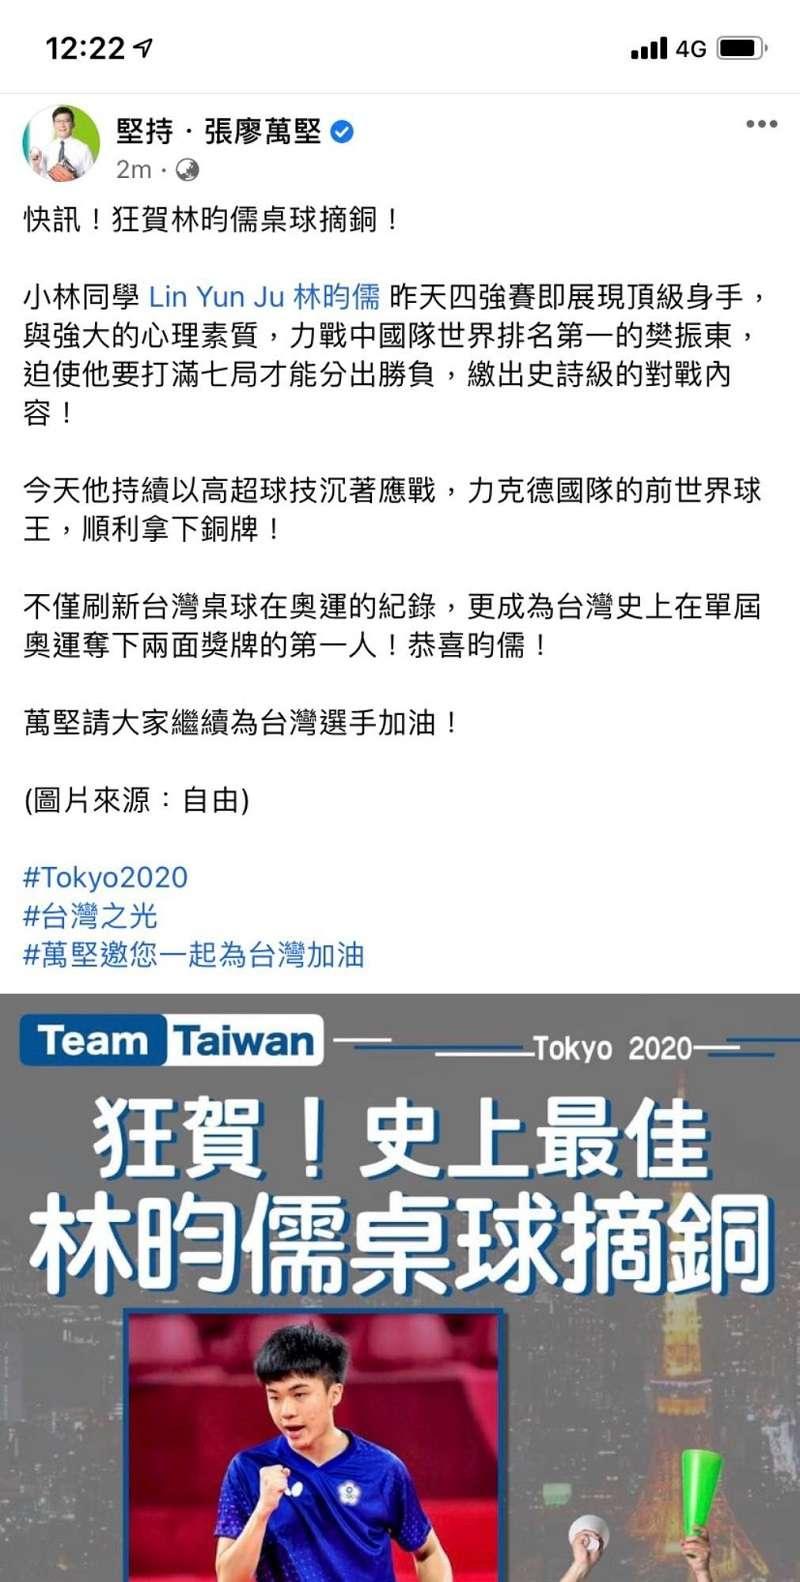 民進黨立委張廖萬堅在林痛失銅牌第二天發圖賀喜拿銅牌。(張廖萬堅臉書截圖)